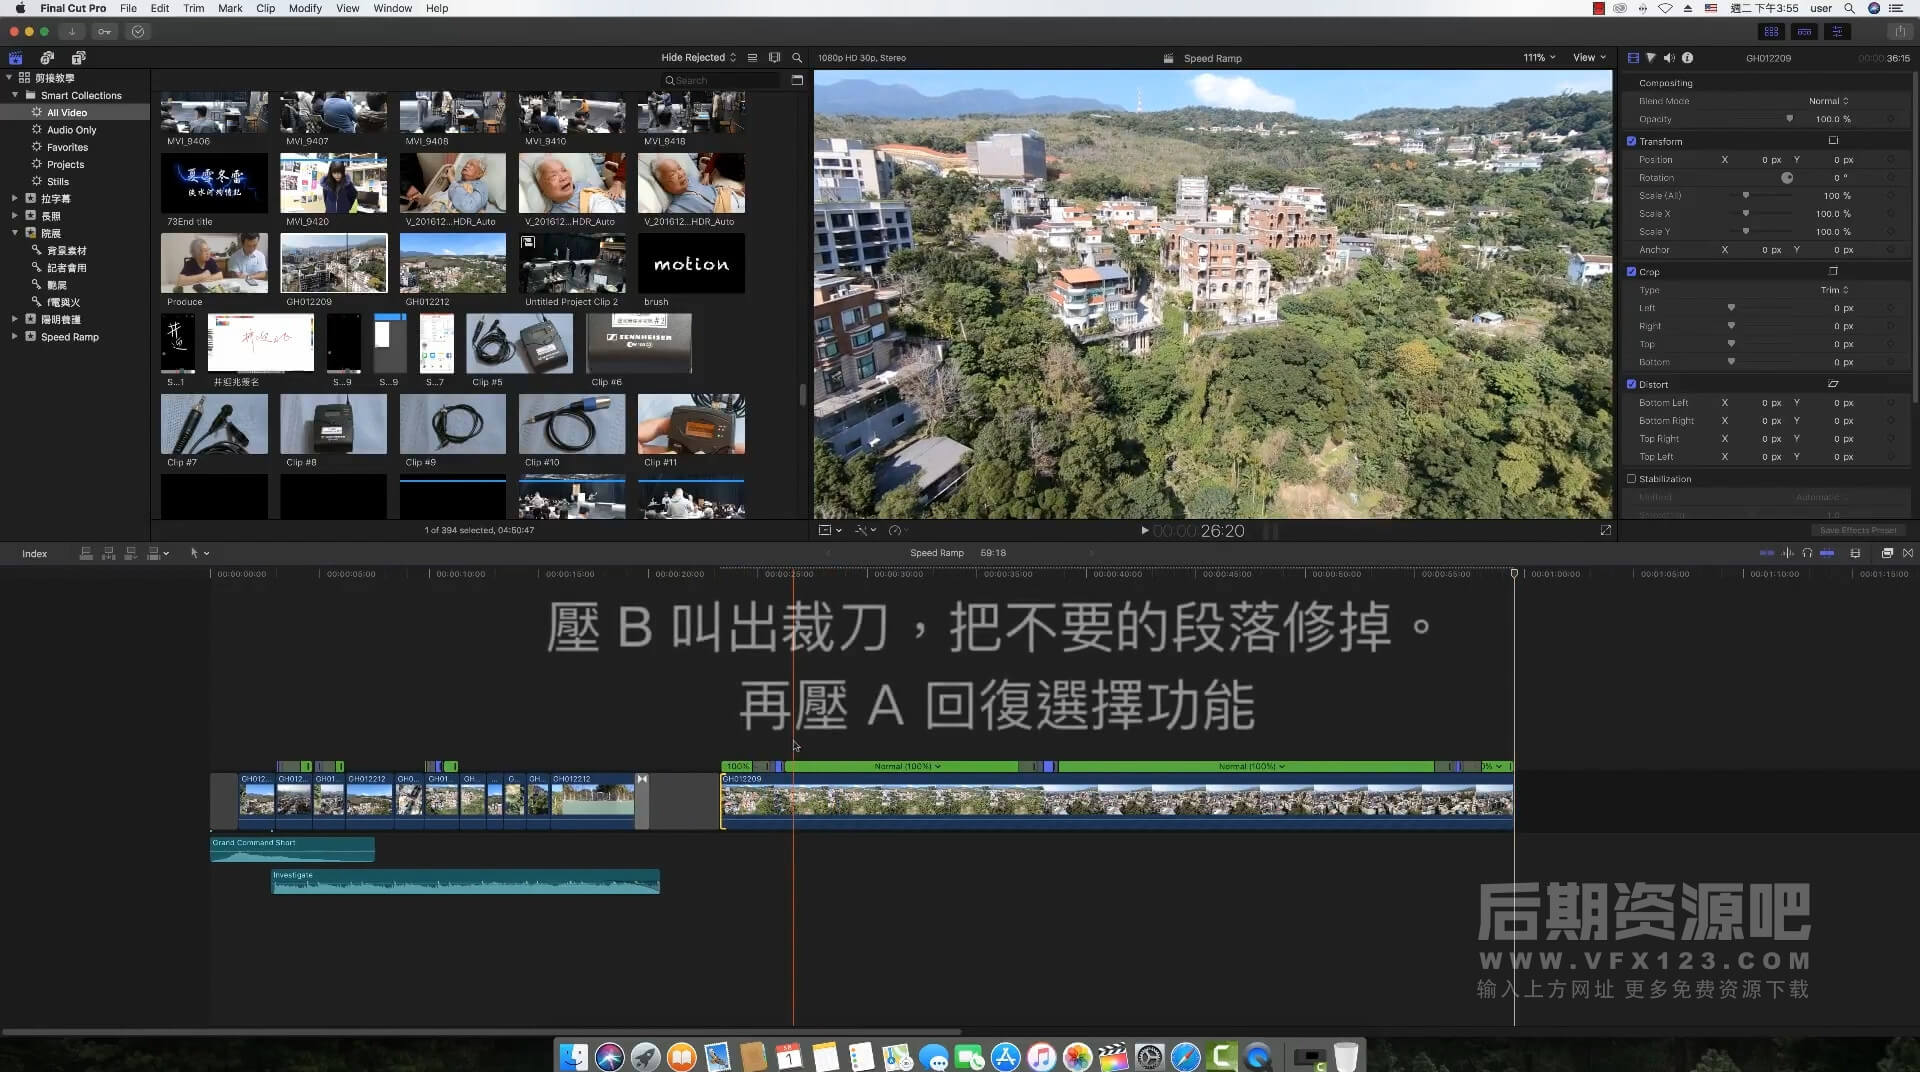 第63课: 如何在fcpx中制作影片的变速效果